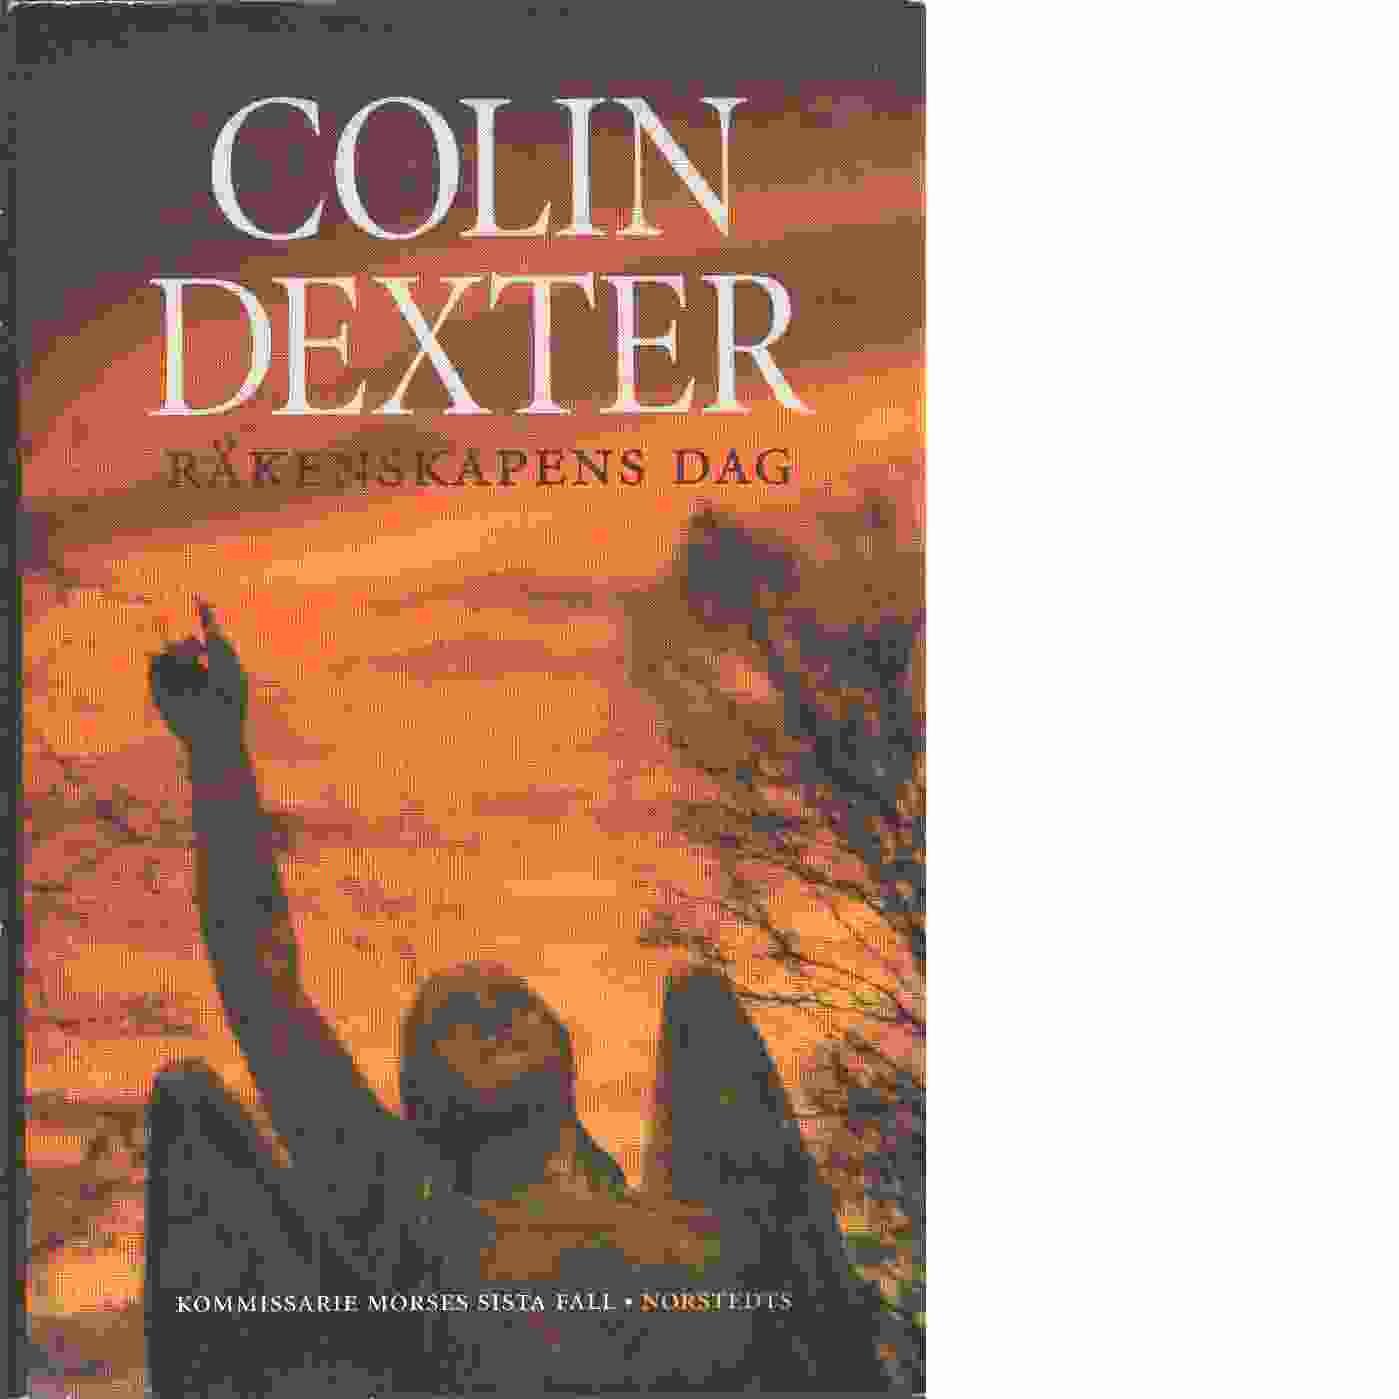 Räkenskapens dag : [kommissarie Morses sista fall] - Dexter, Colin